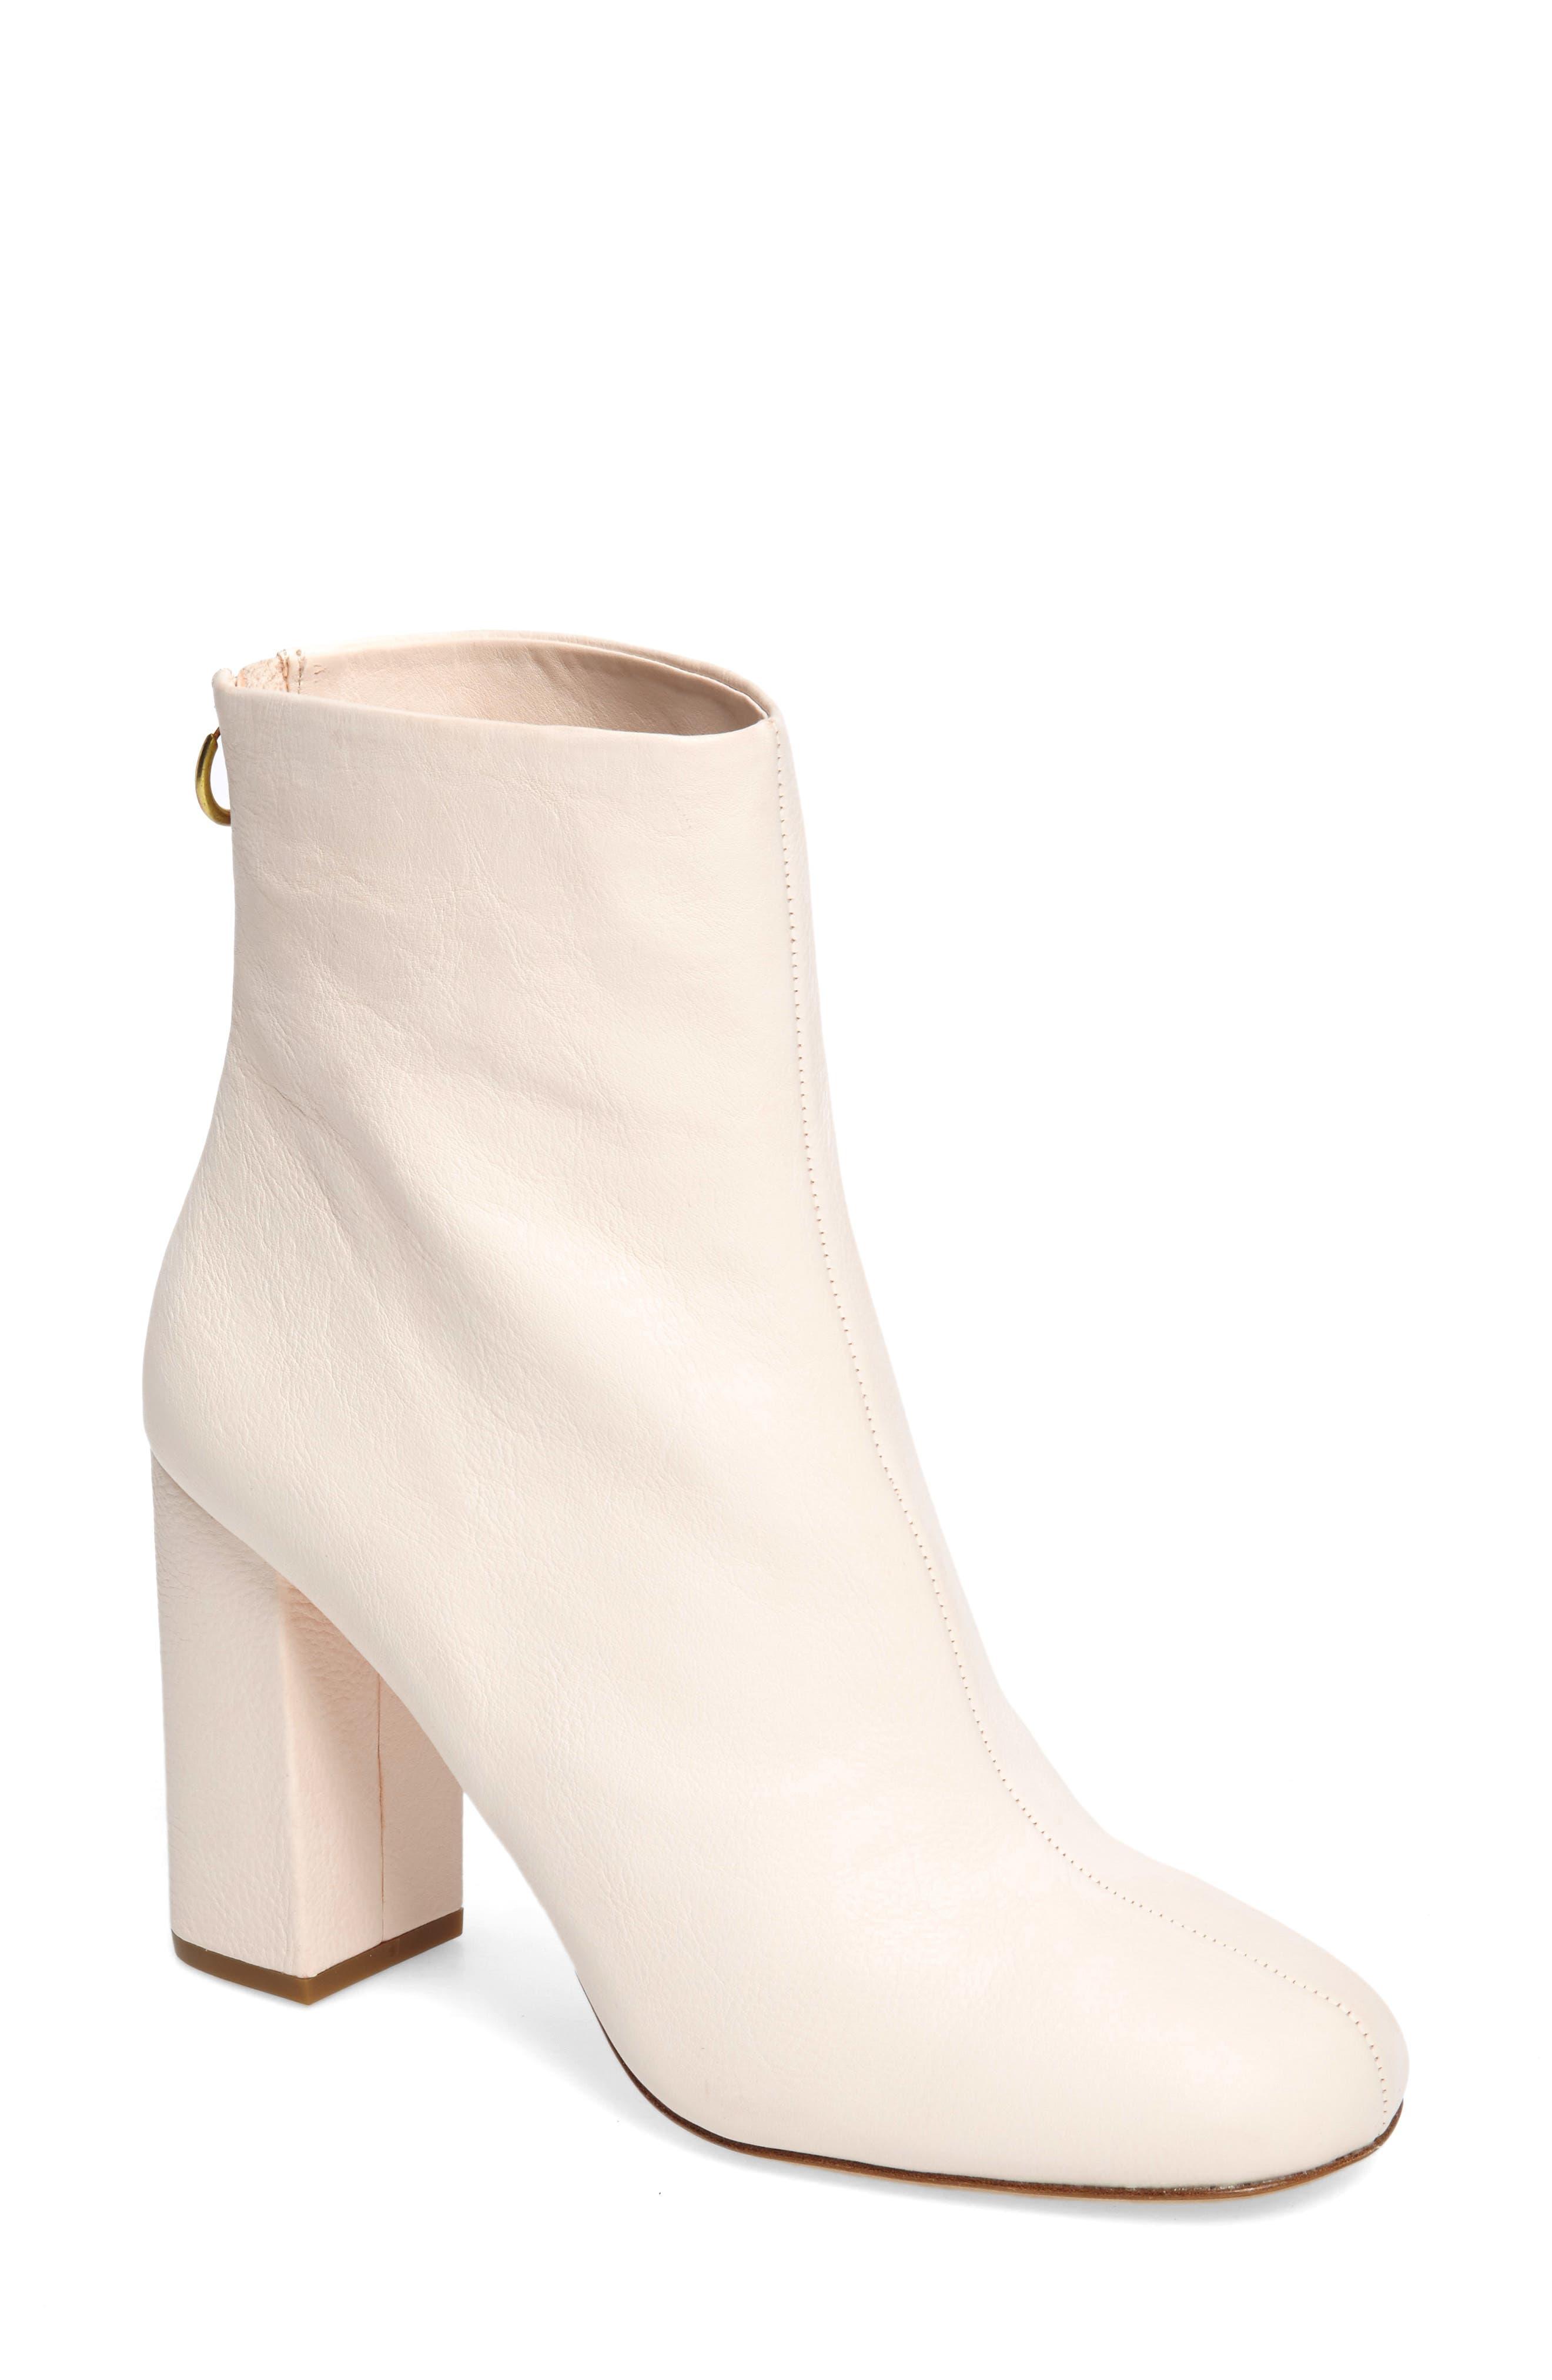 Saleema Block Heel Bootie,                         Main,                         color, Shell